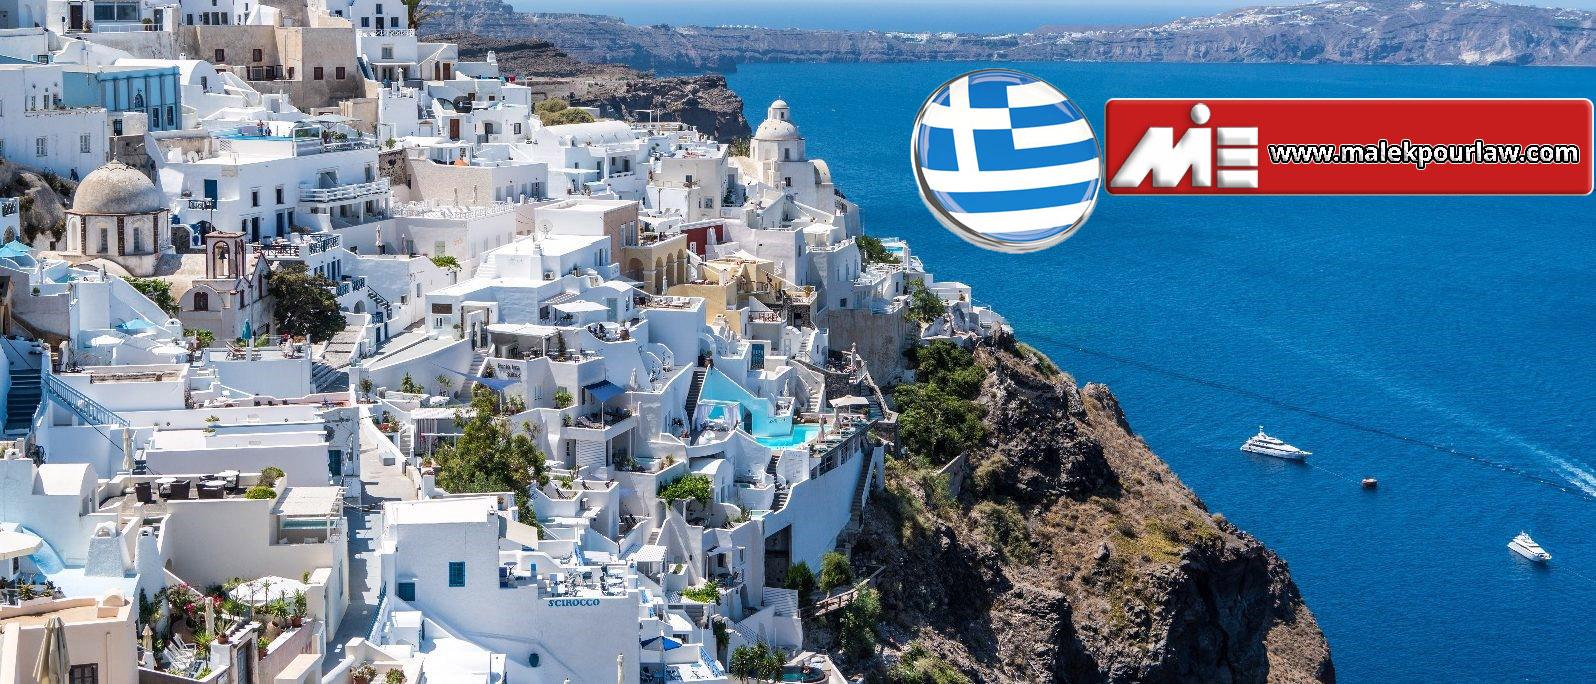 جاذبه های گردشگری یونان - سفر به یونان - مهاجرت به یونان - سرمایه گذاری در یونان - اقامت یونان از طریق تمکن مالی - خرید ملک در یونان